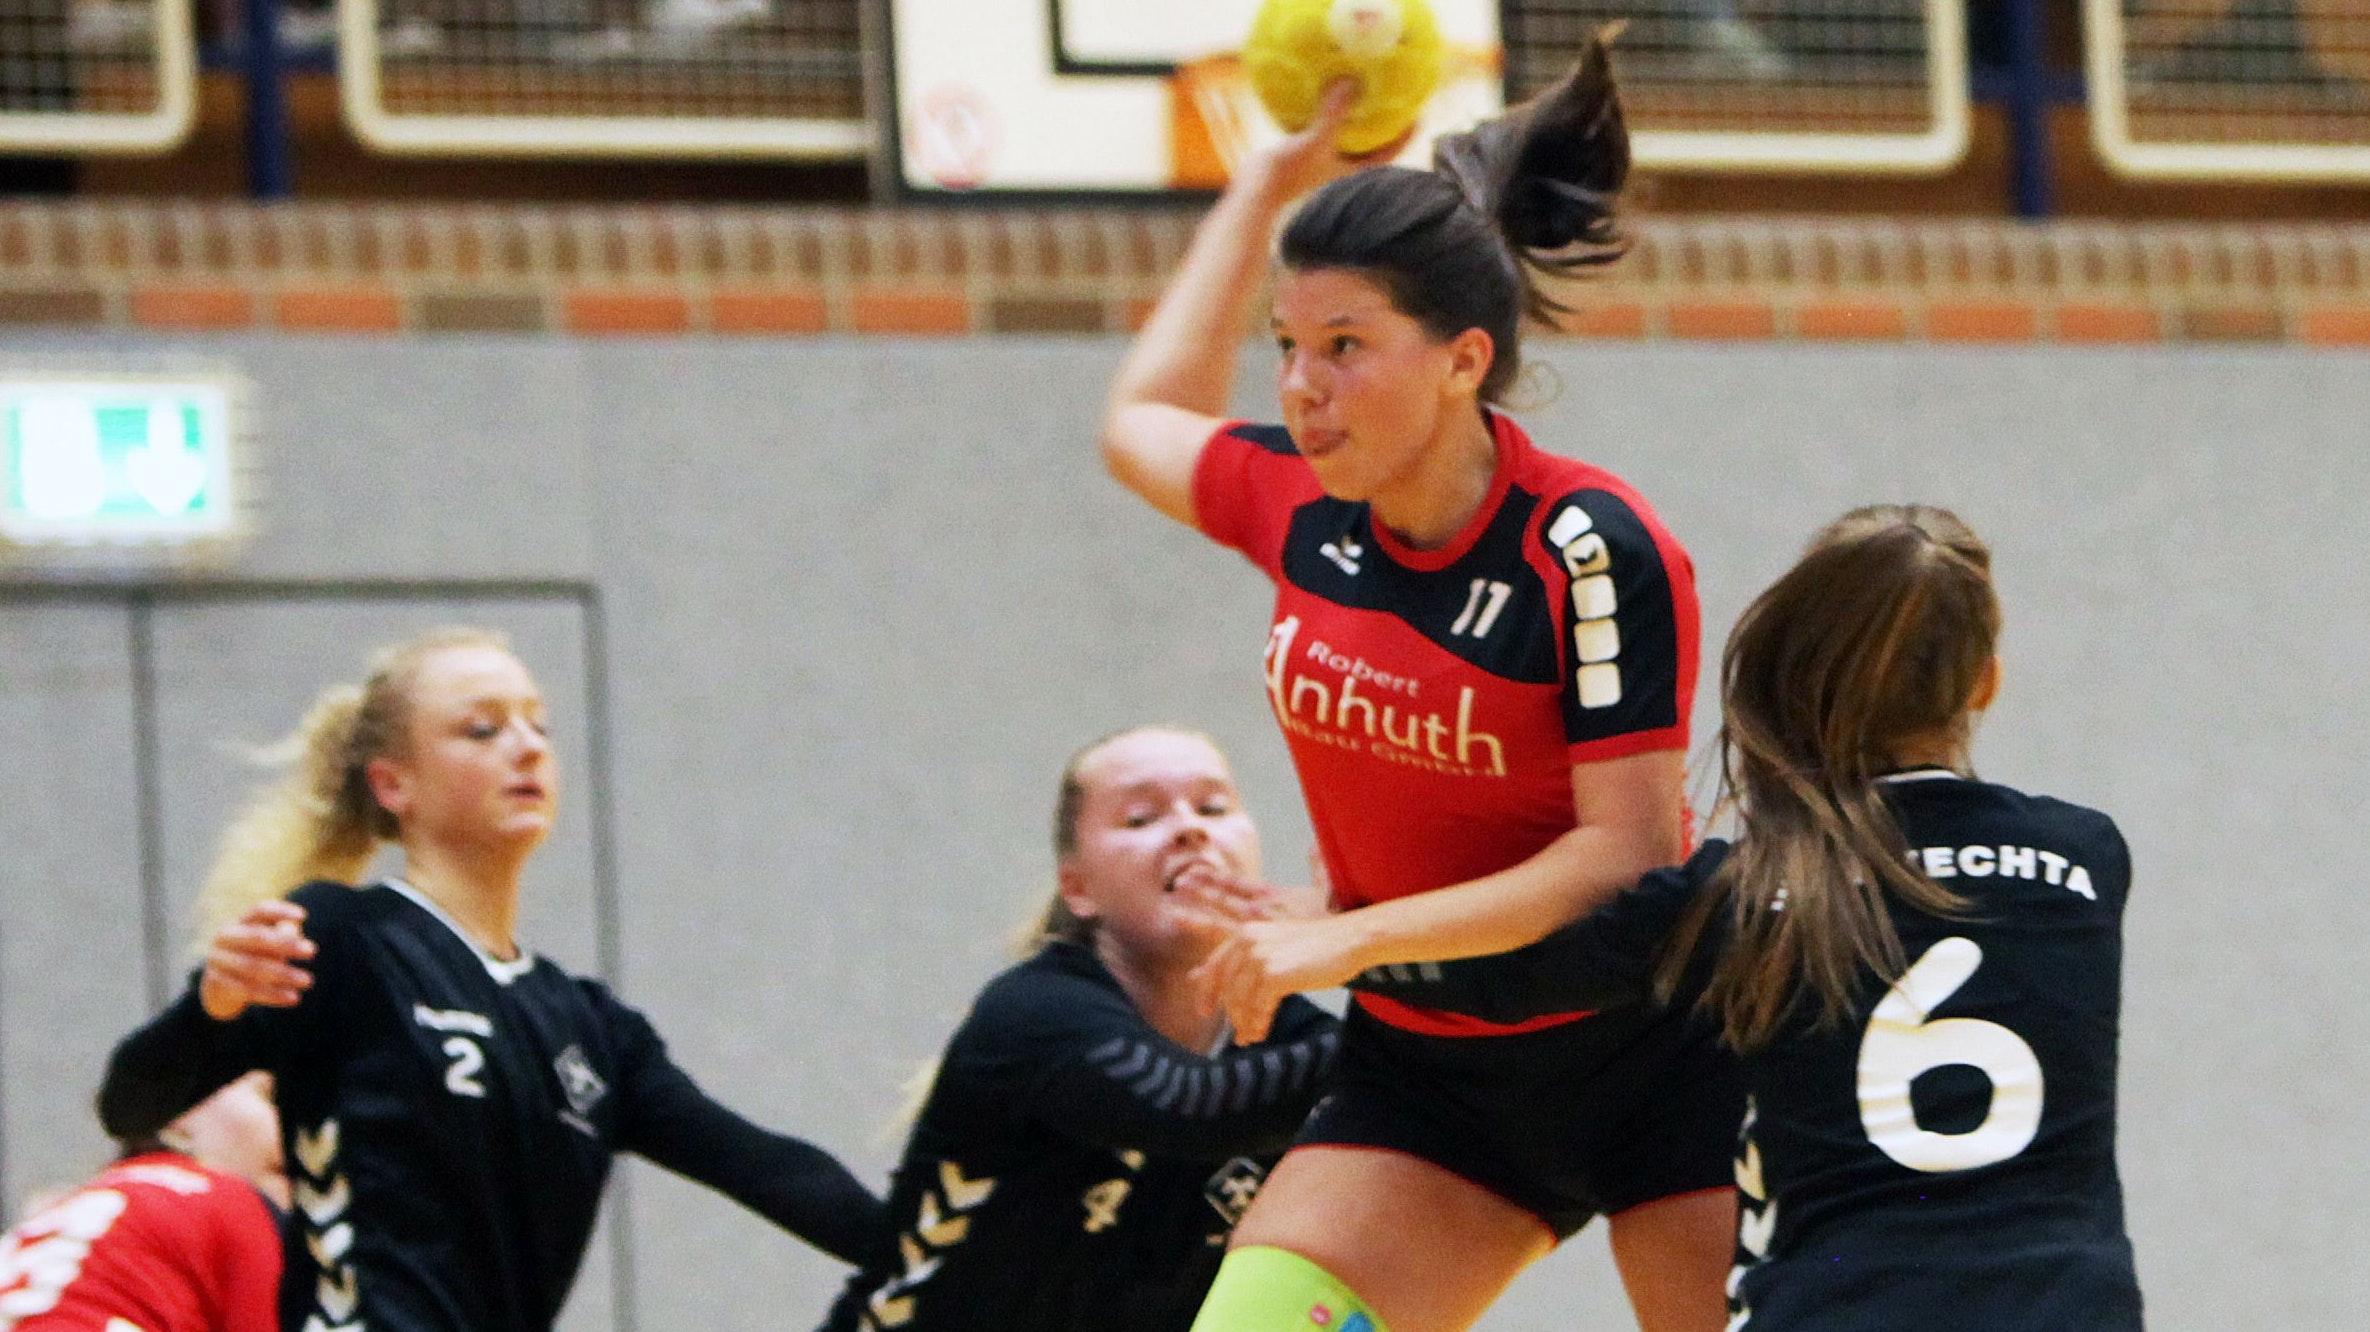 Wie geht es weiter im Handball? Szene aus einem A-Jugendspiel zwischen Frisia Goldenstedt und SFN Vechta. Foto: Schikora